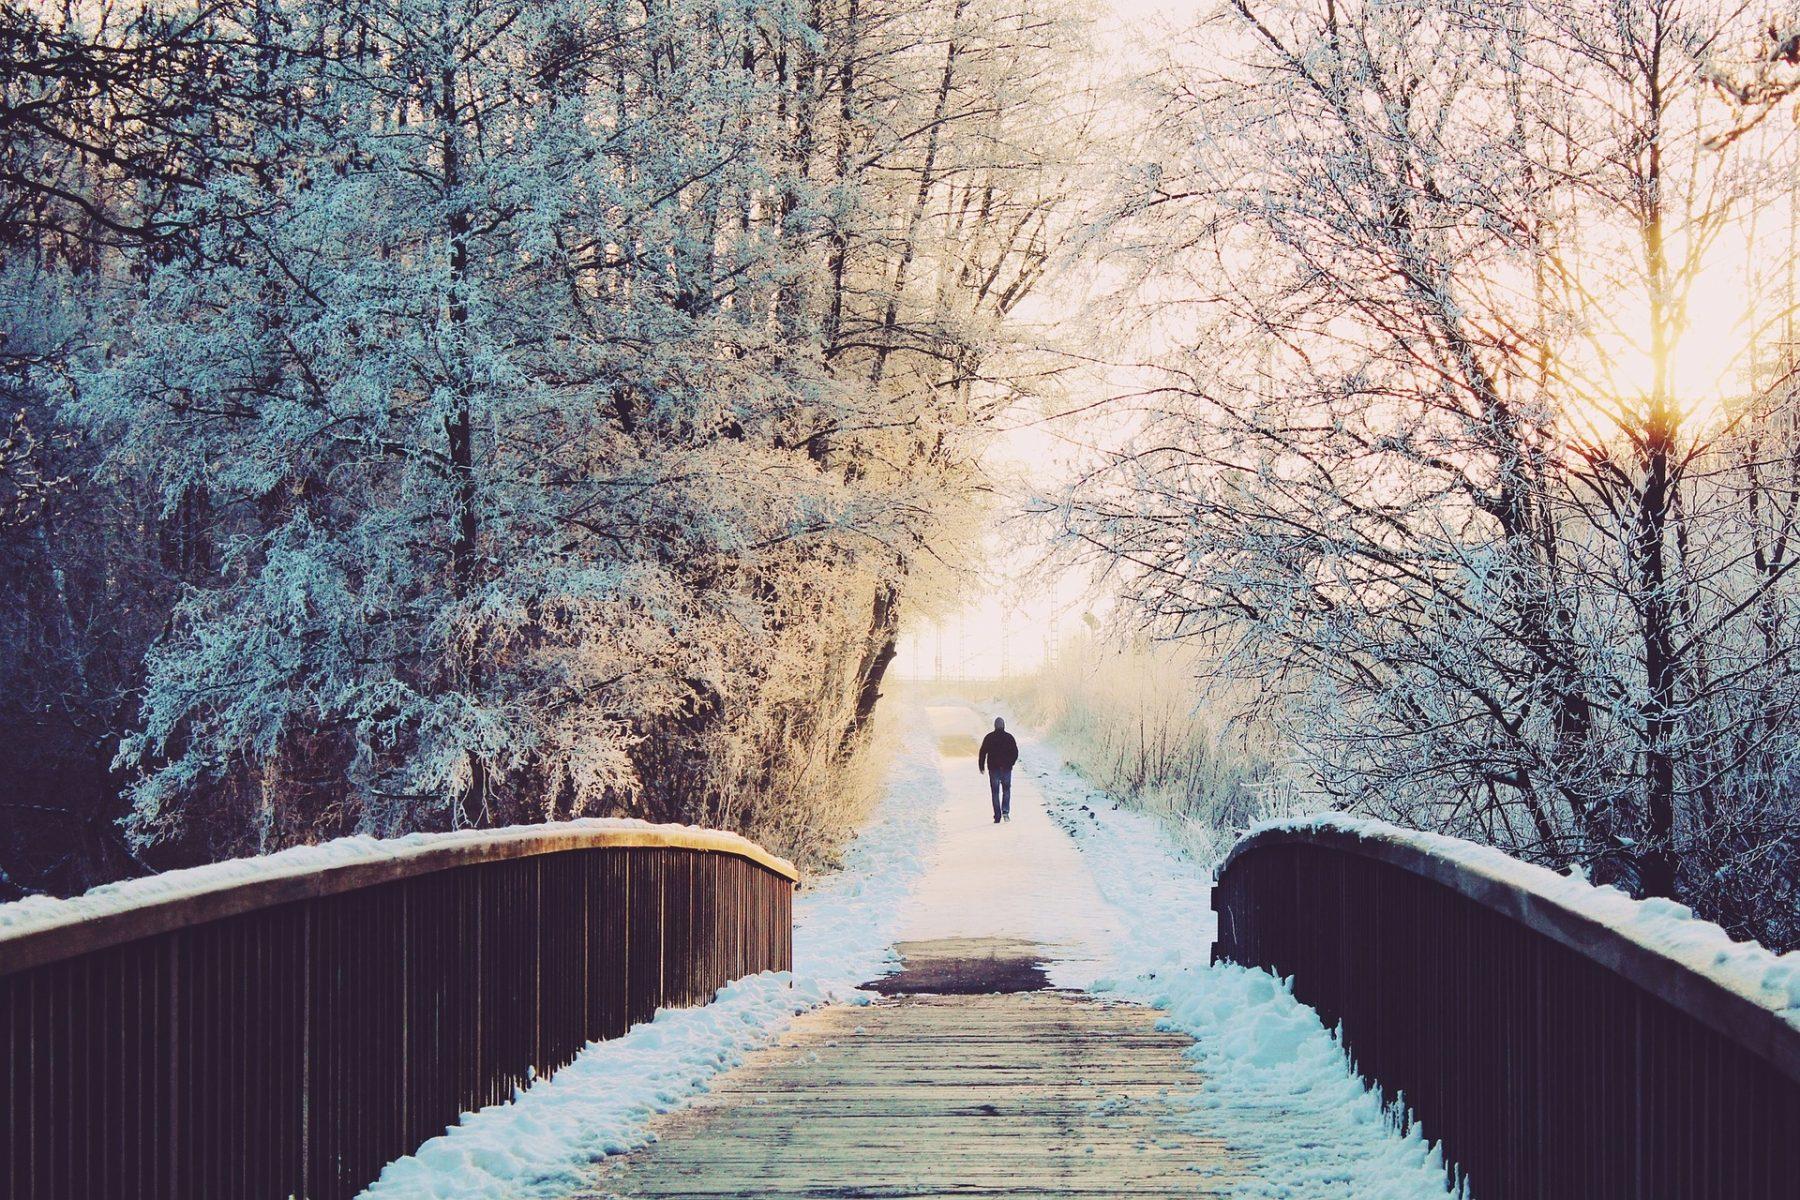 Ook last van de januariblues of een winterdipje? Blue Monday Afgelopen maandag was het Blue Monday. Volgens de experts de meest deprimerende dag van het jaar! De dagen zijn kort en donker, goede voornemens mislukt, zomervakantie nog ver weg én het begin van je nieuwe werkweek. Een dag om in je bed te blijven dus……